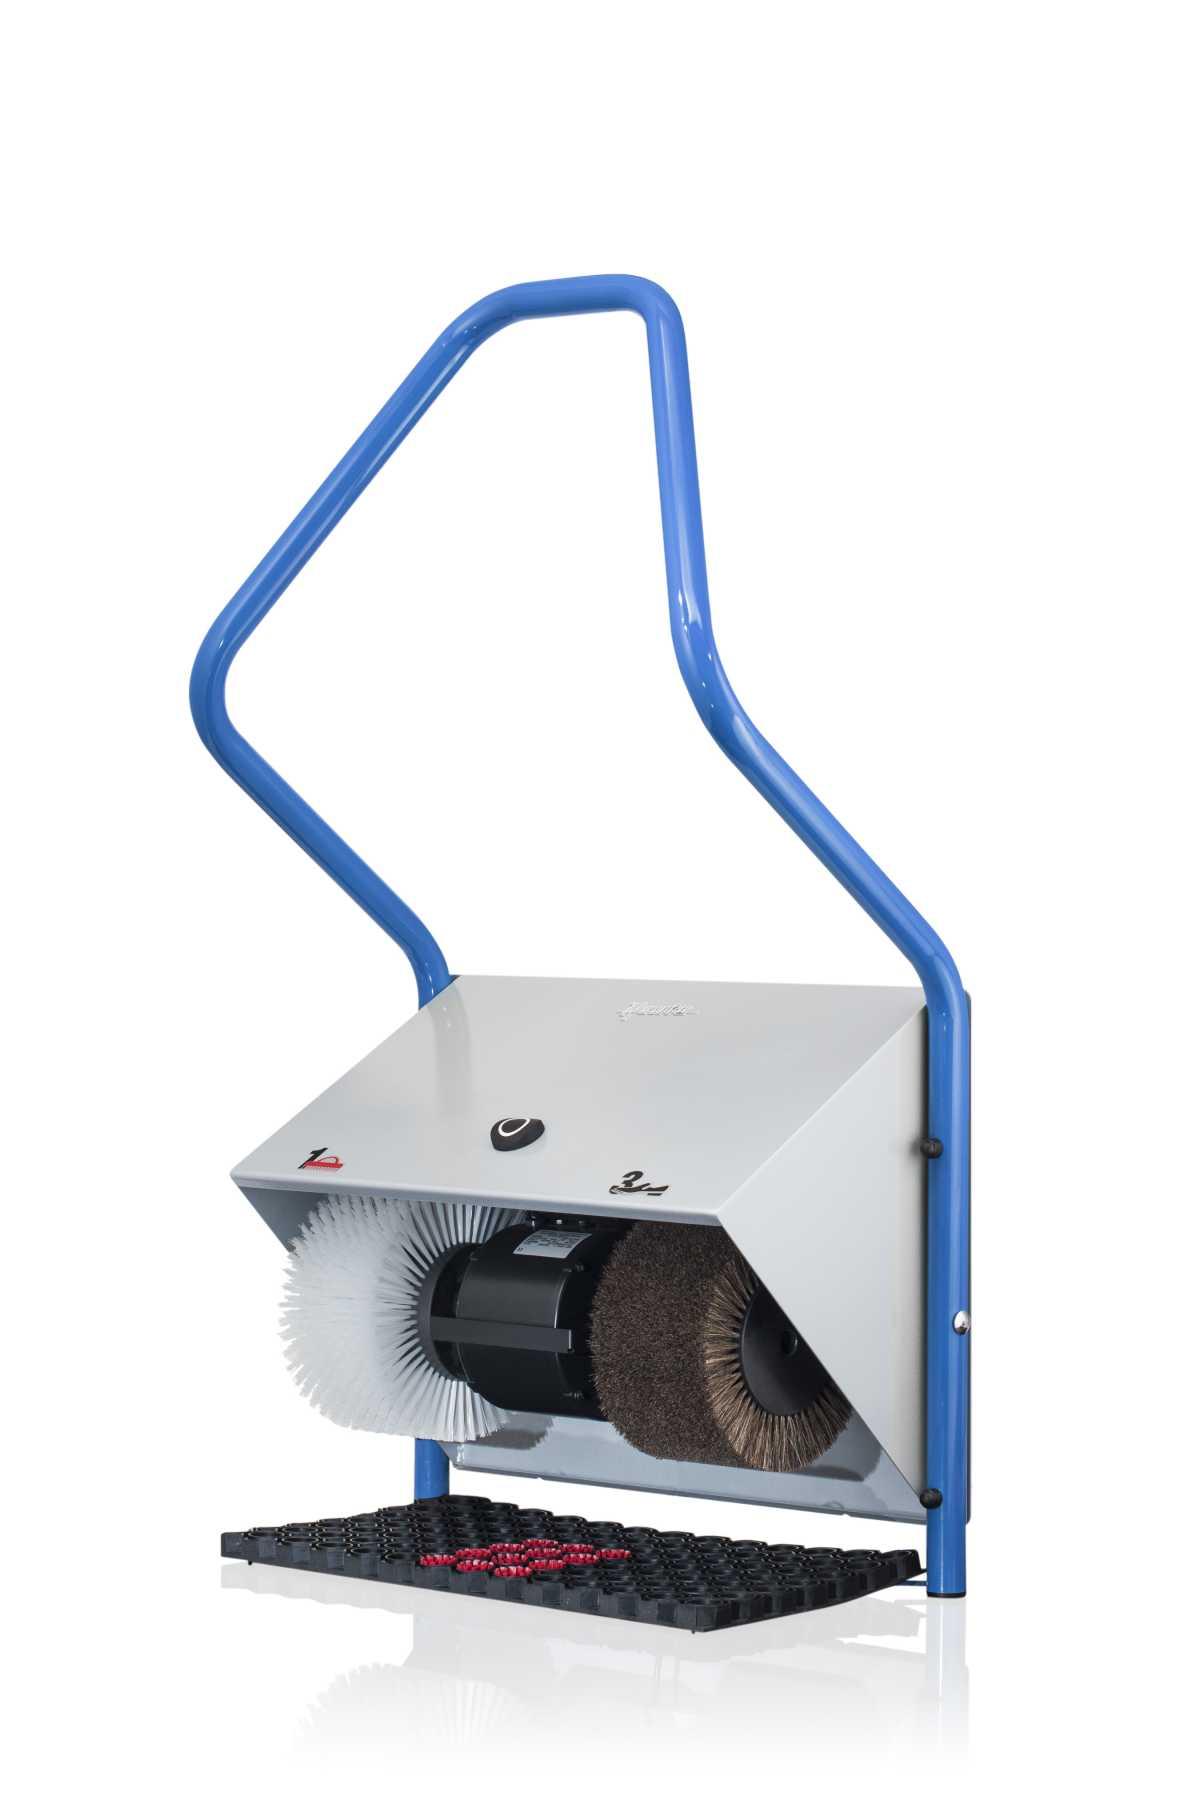 HEUTE Ayakkabı Cilalama Makinesi, Politec Polar